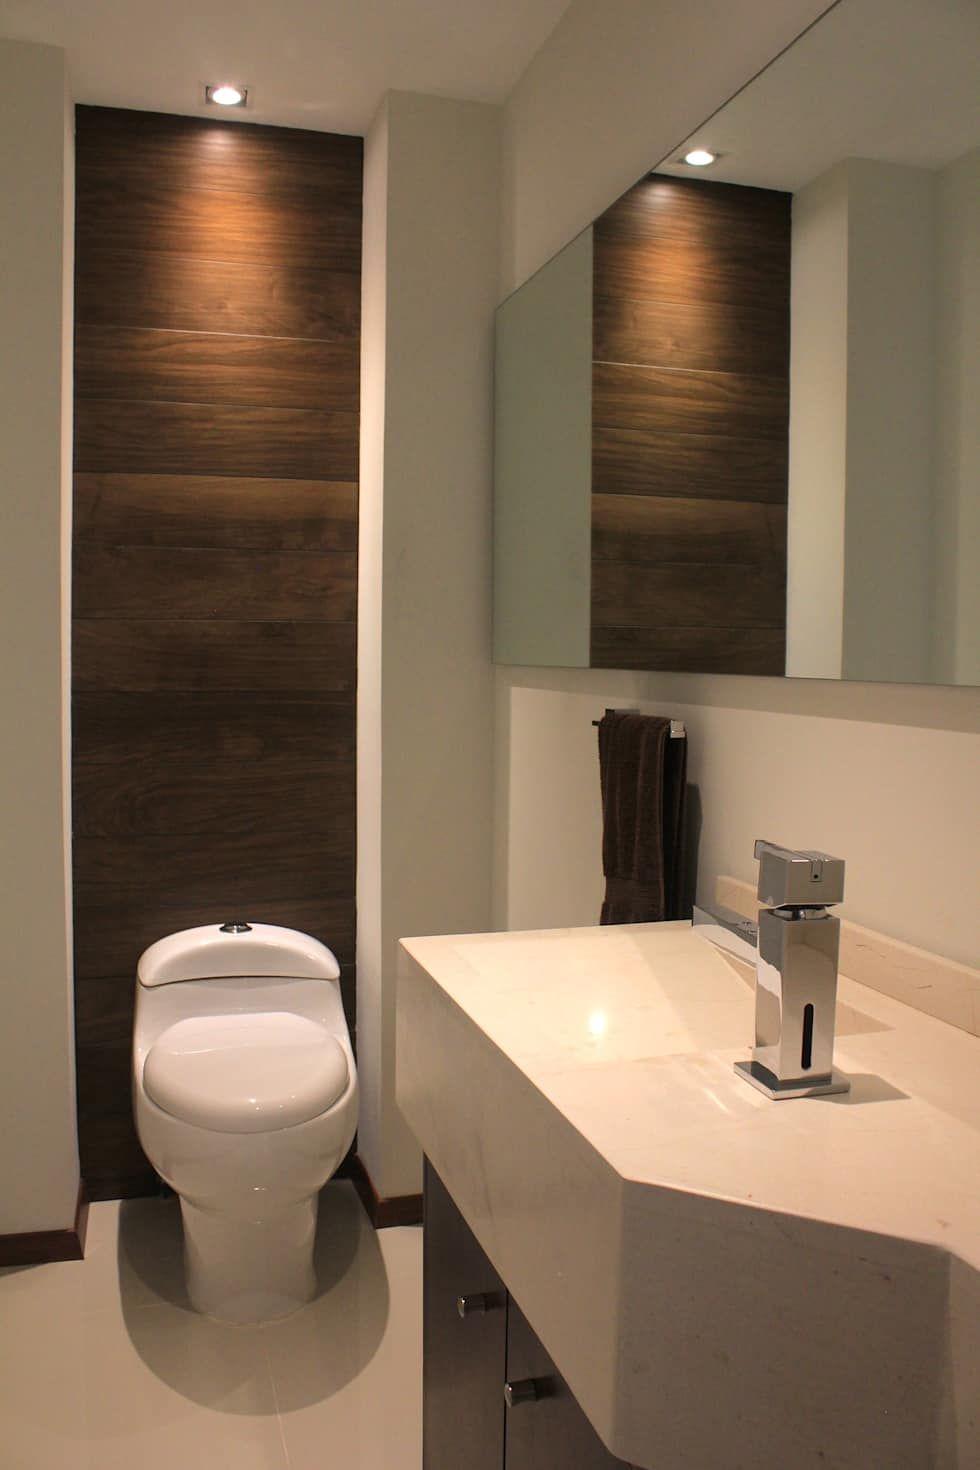 Ba o privado estudios y oficinas de estilo por lc for Arquitectura banos modernos